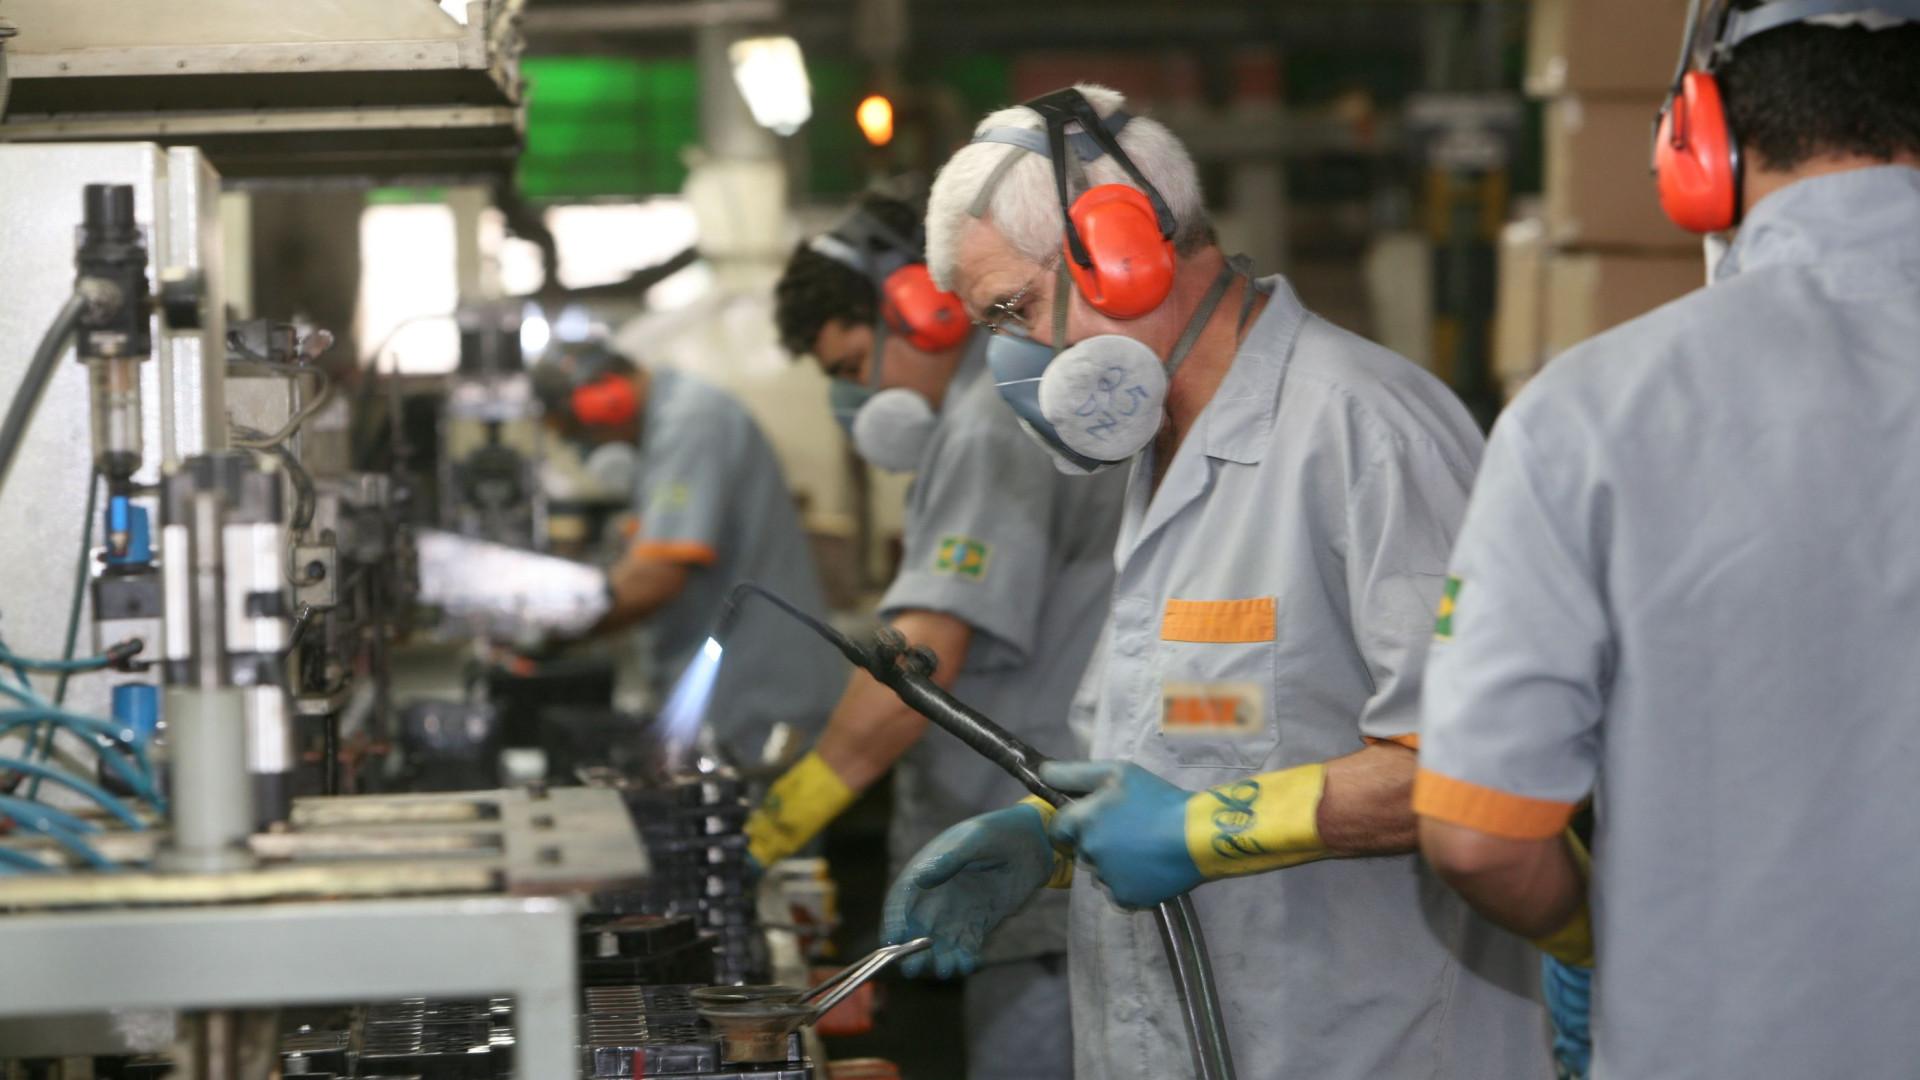 País em marcha lenta faz lucro das empresas diminuir 6% no 1º trimestre